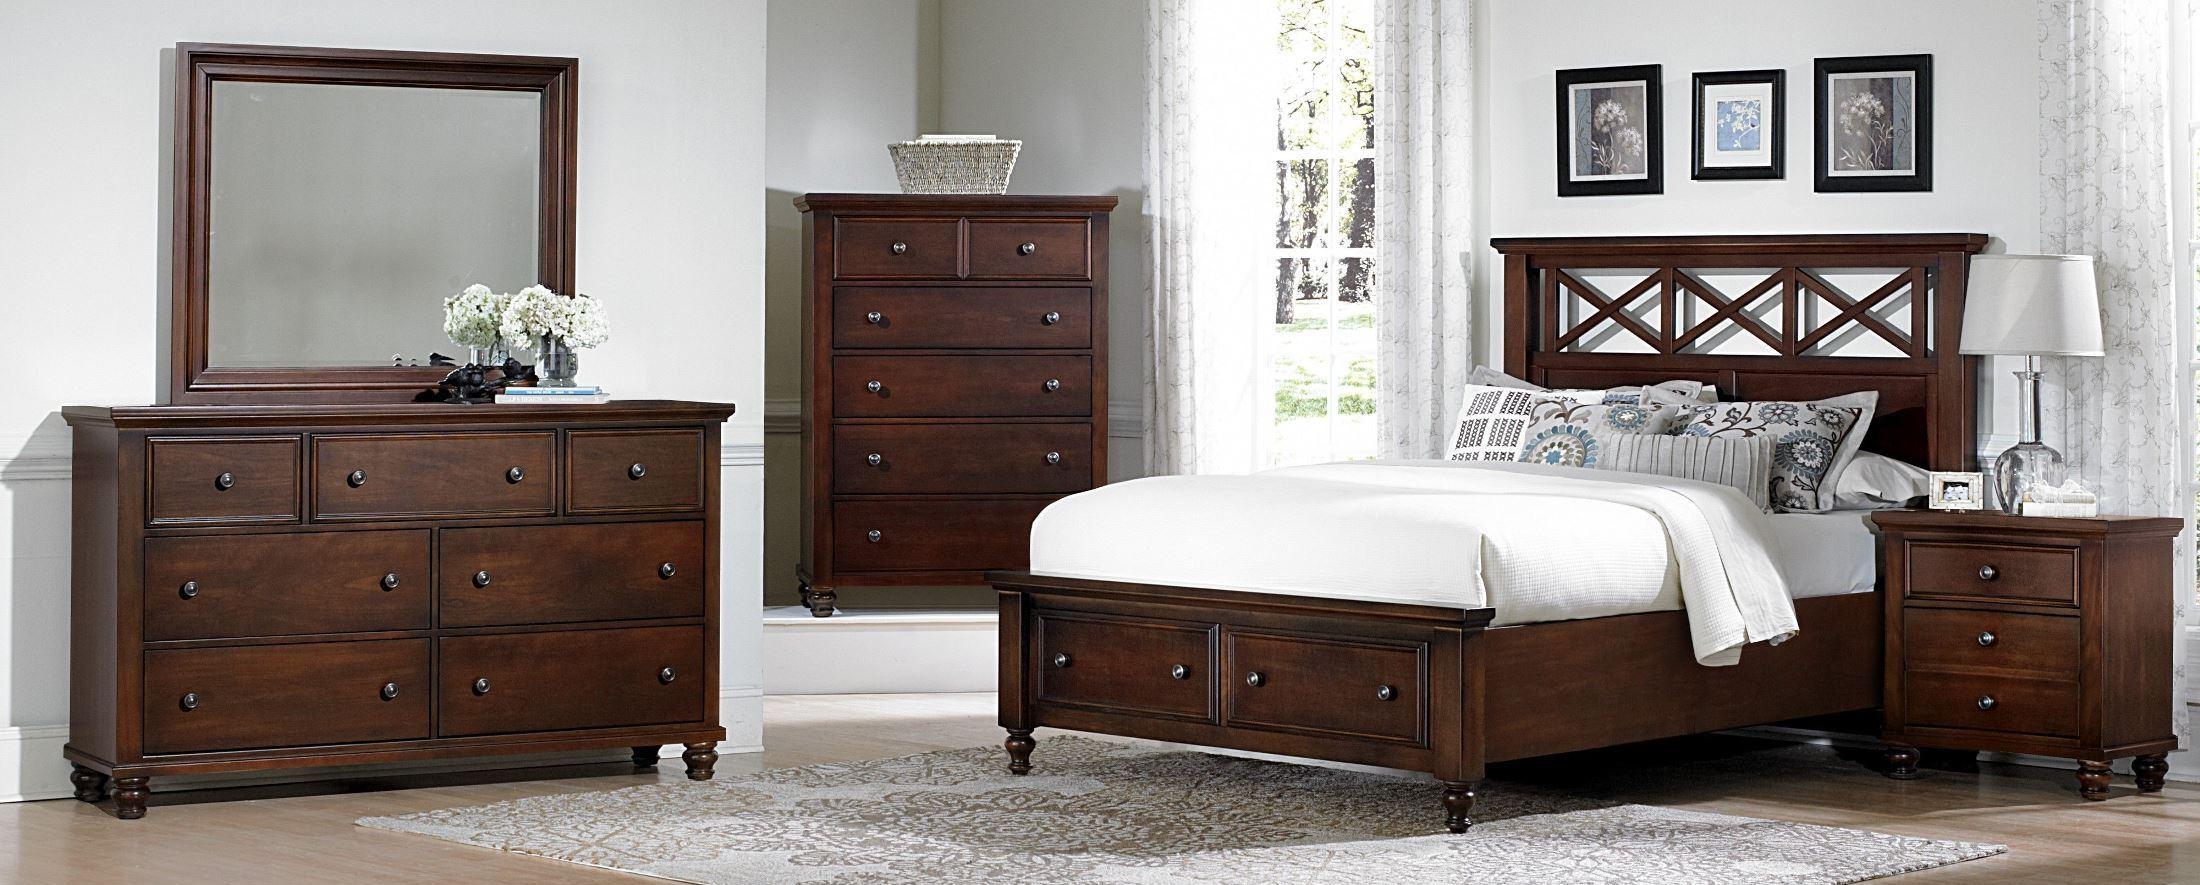 Ellington cherry garden storage bedroom set from vaughan for Ellington bedroom set